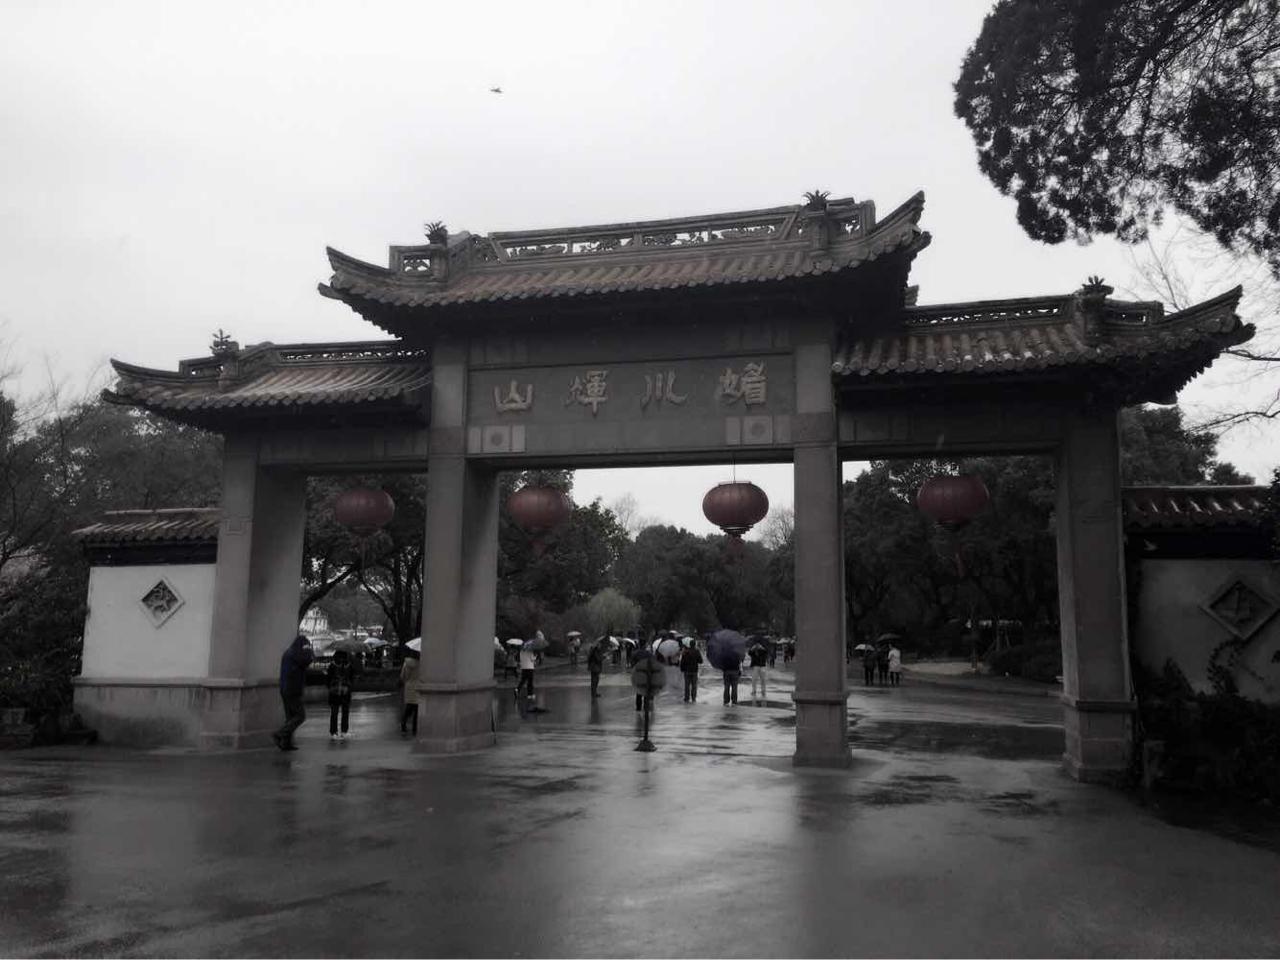 灵山大佛旅游导游图